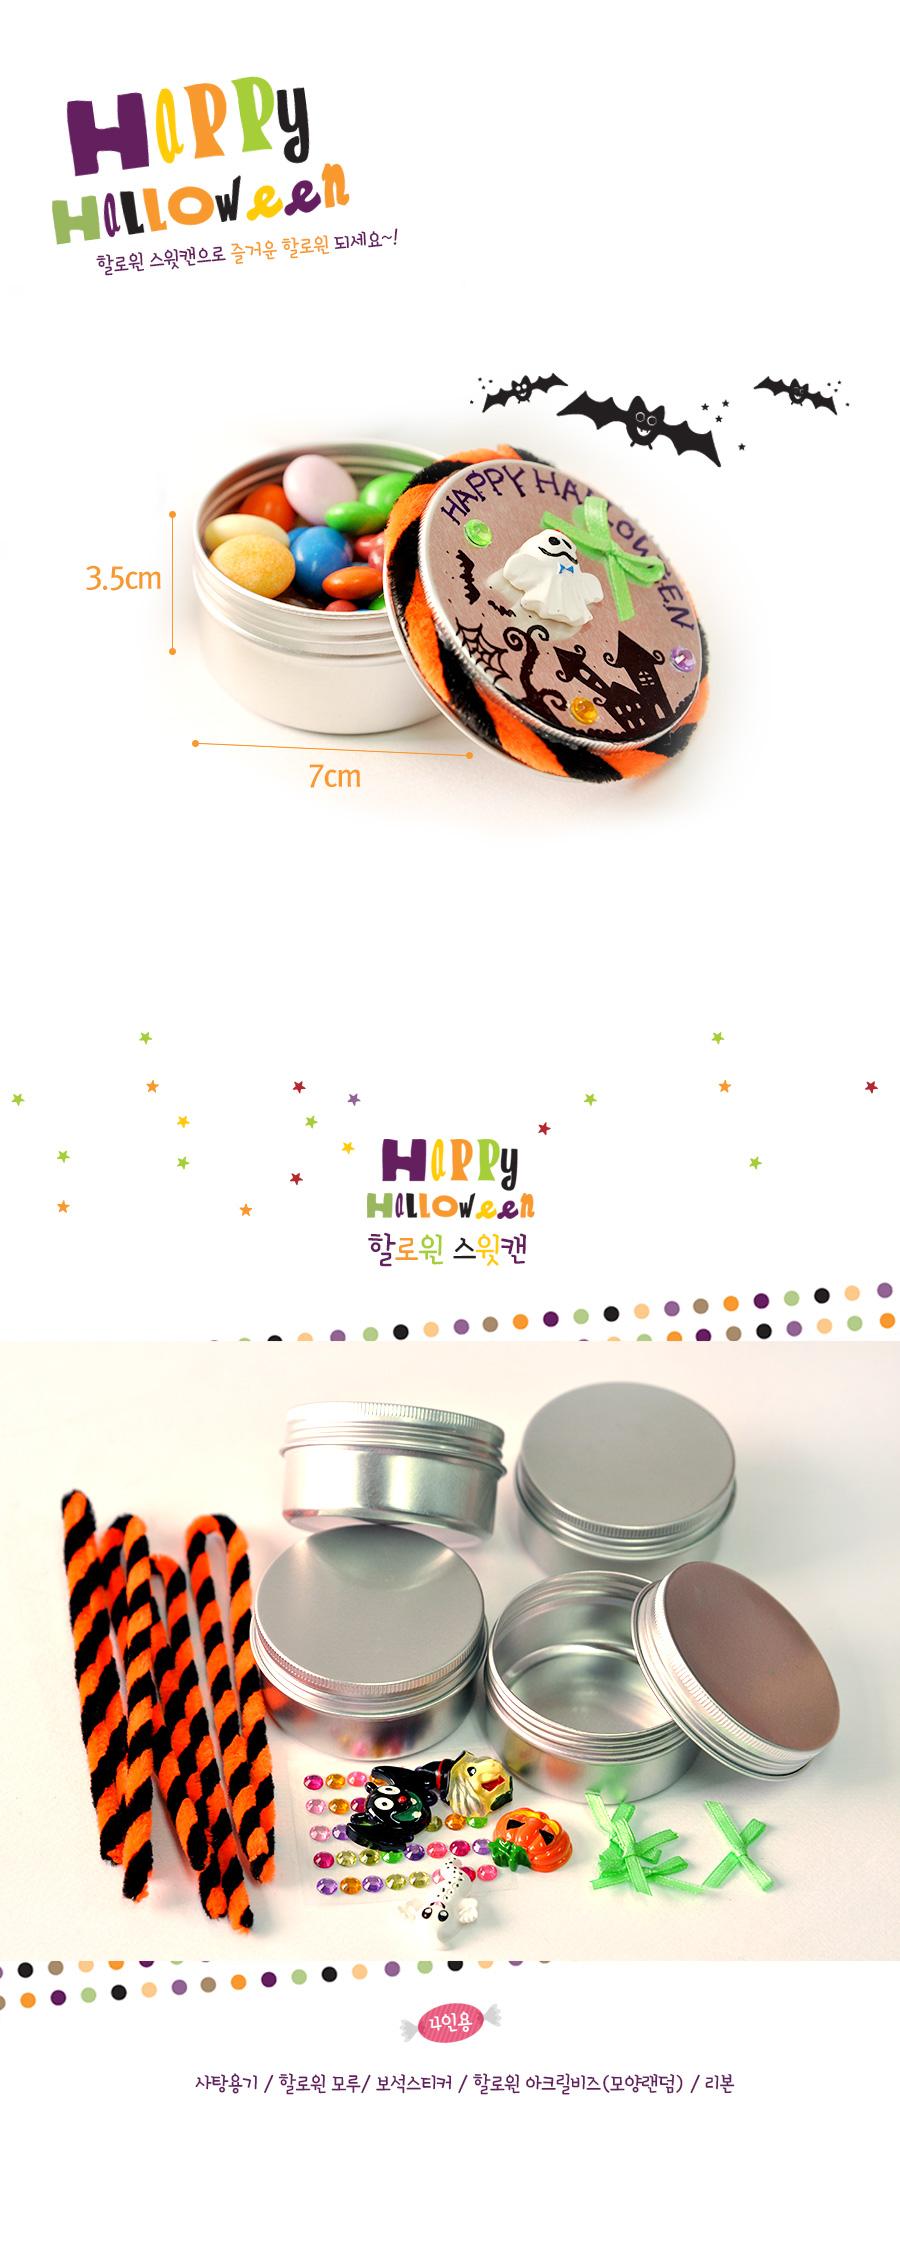 할로윈스윗캔만들기(4인용)/사탕통/할로윈파티용품 - 아트랄라, 9,400원, 전통/염색공예, 기타소품 패키지